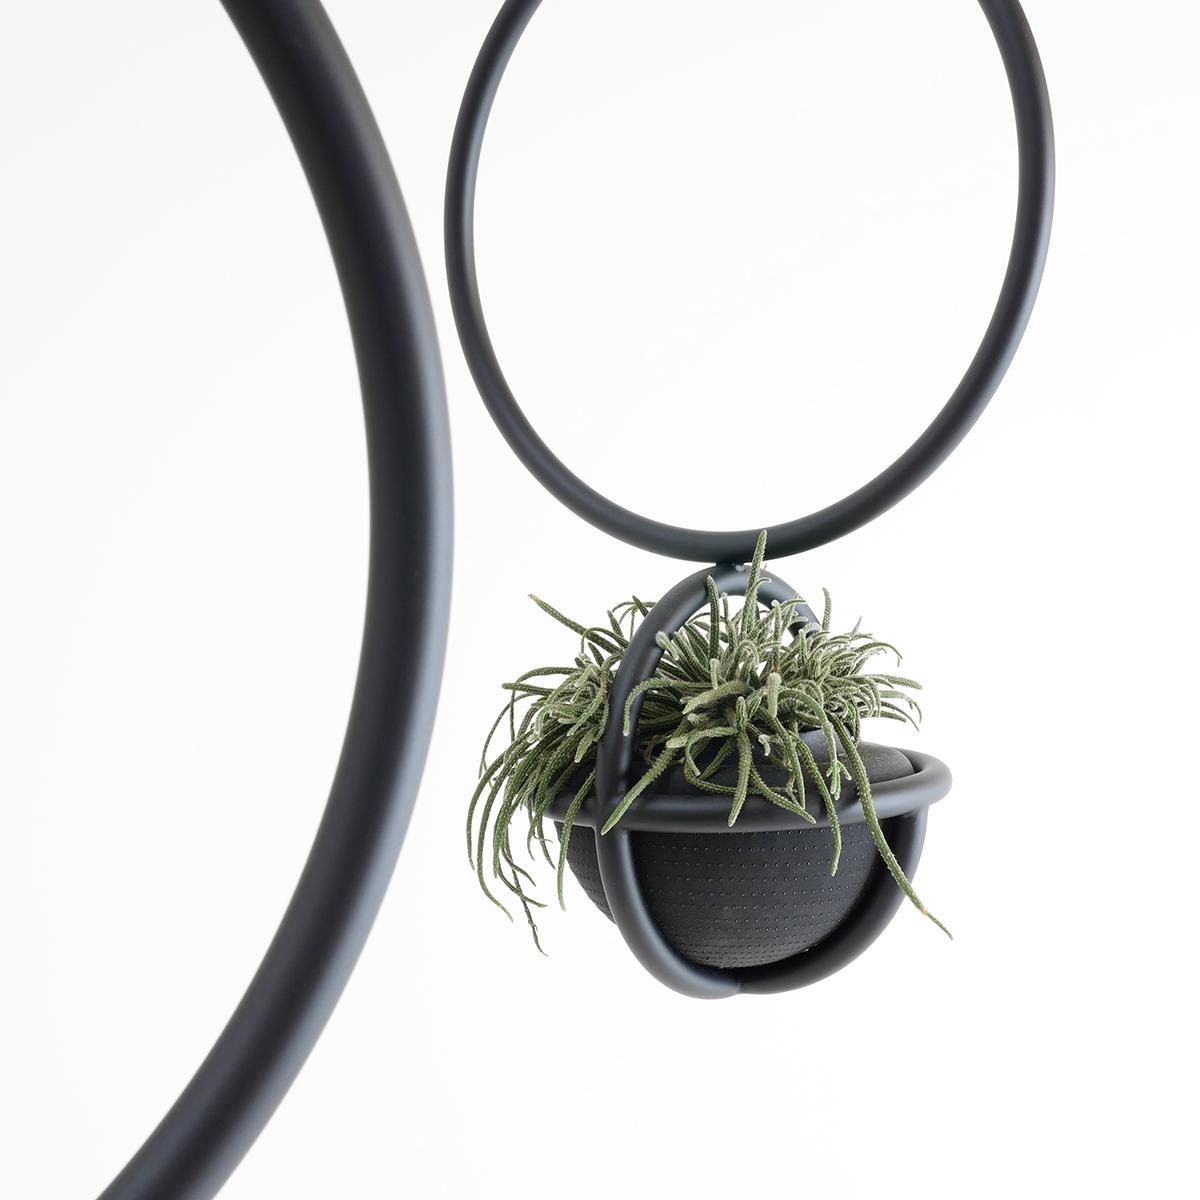 Blumenkugel ist wie die Blumenampel ein hängendes Raumobjekt für Blumen und Pflanzen. Von Zascho Petkow und Andreas Haussmann